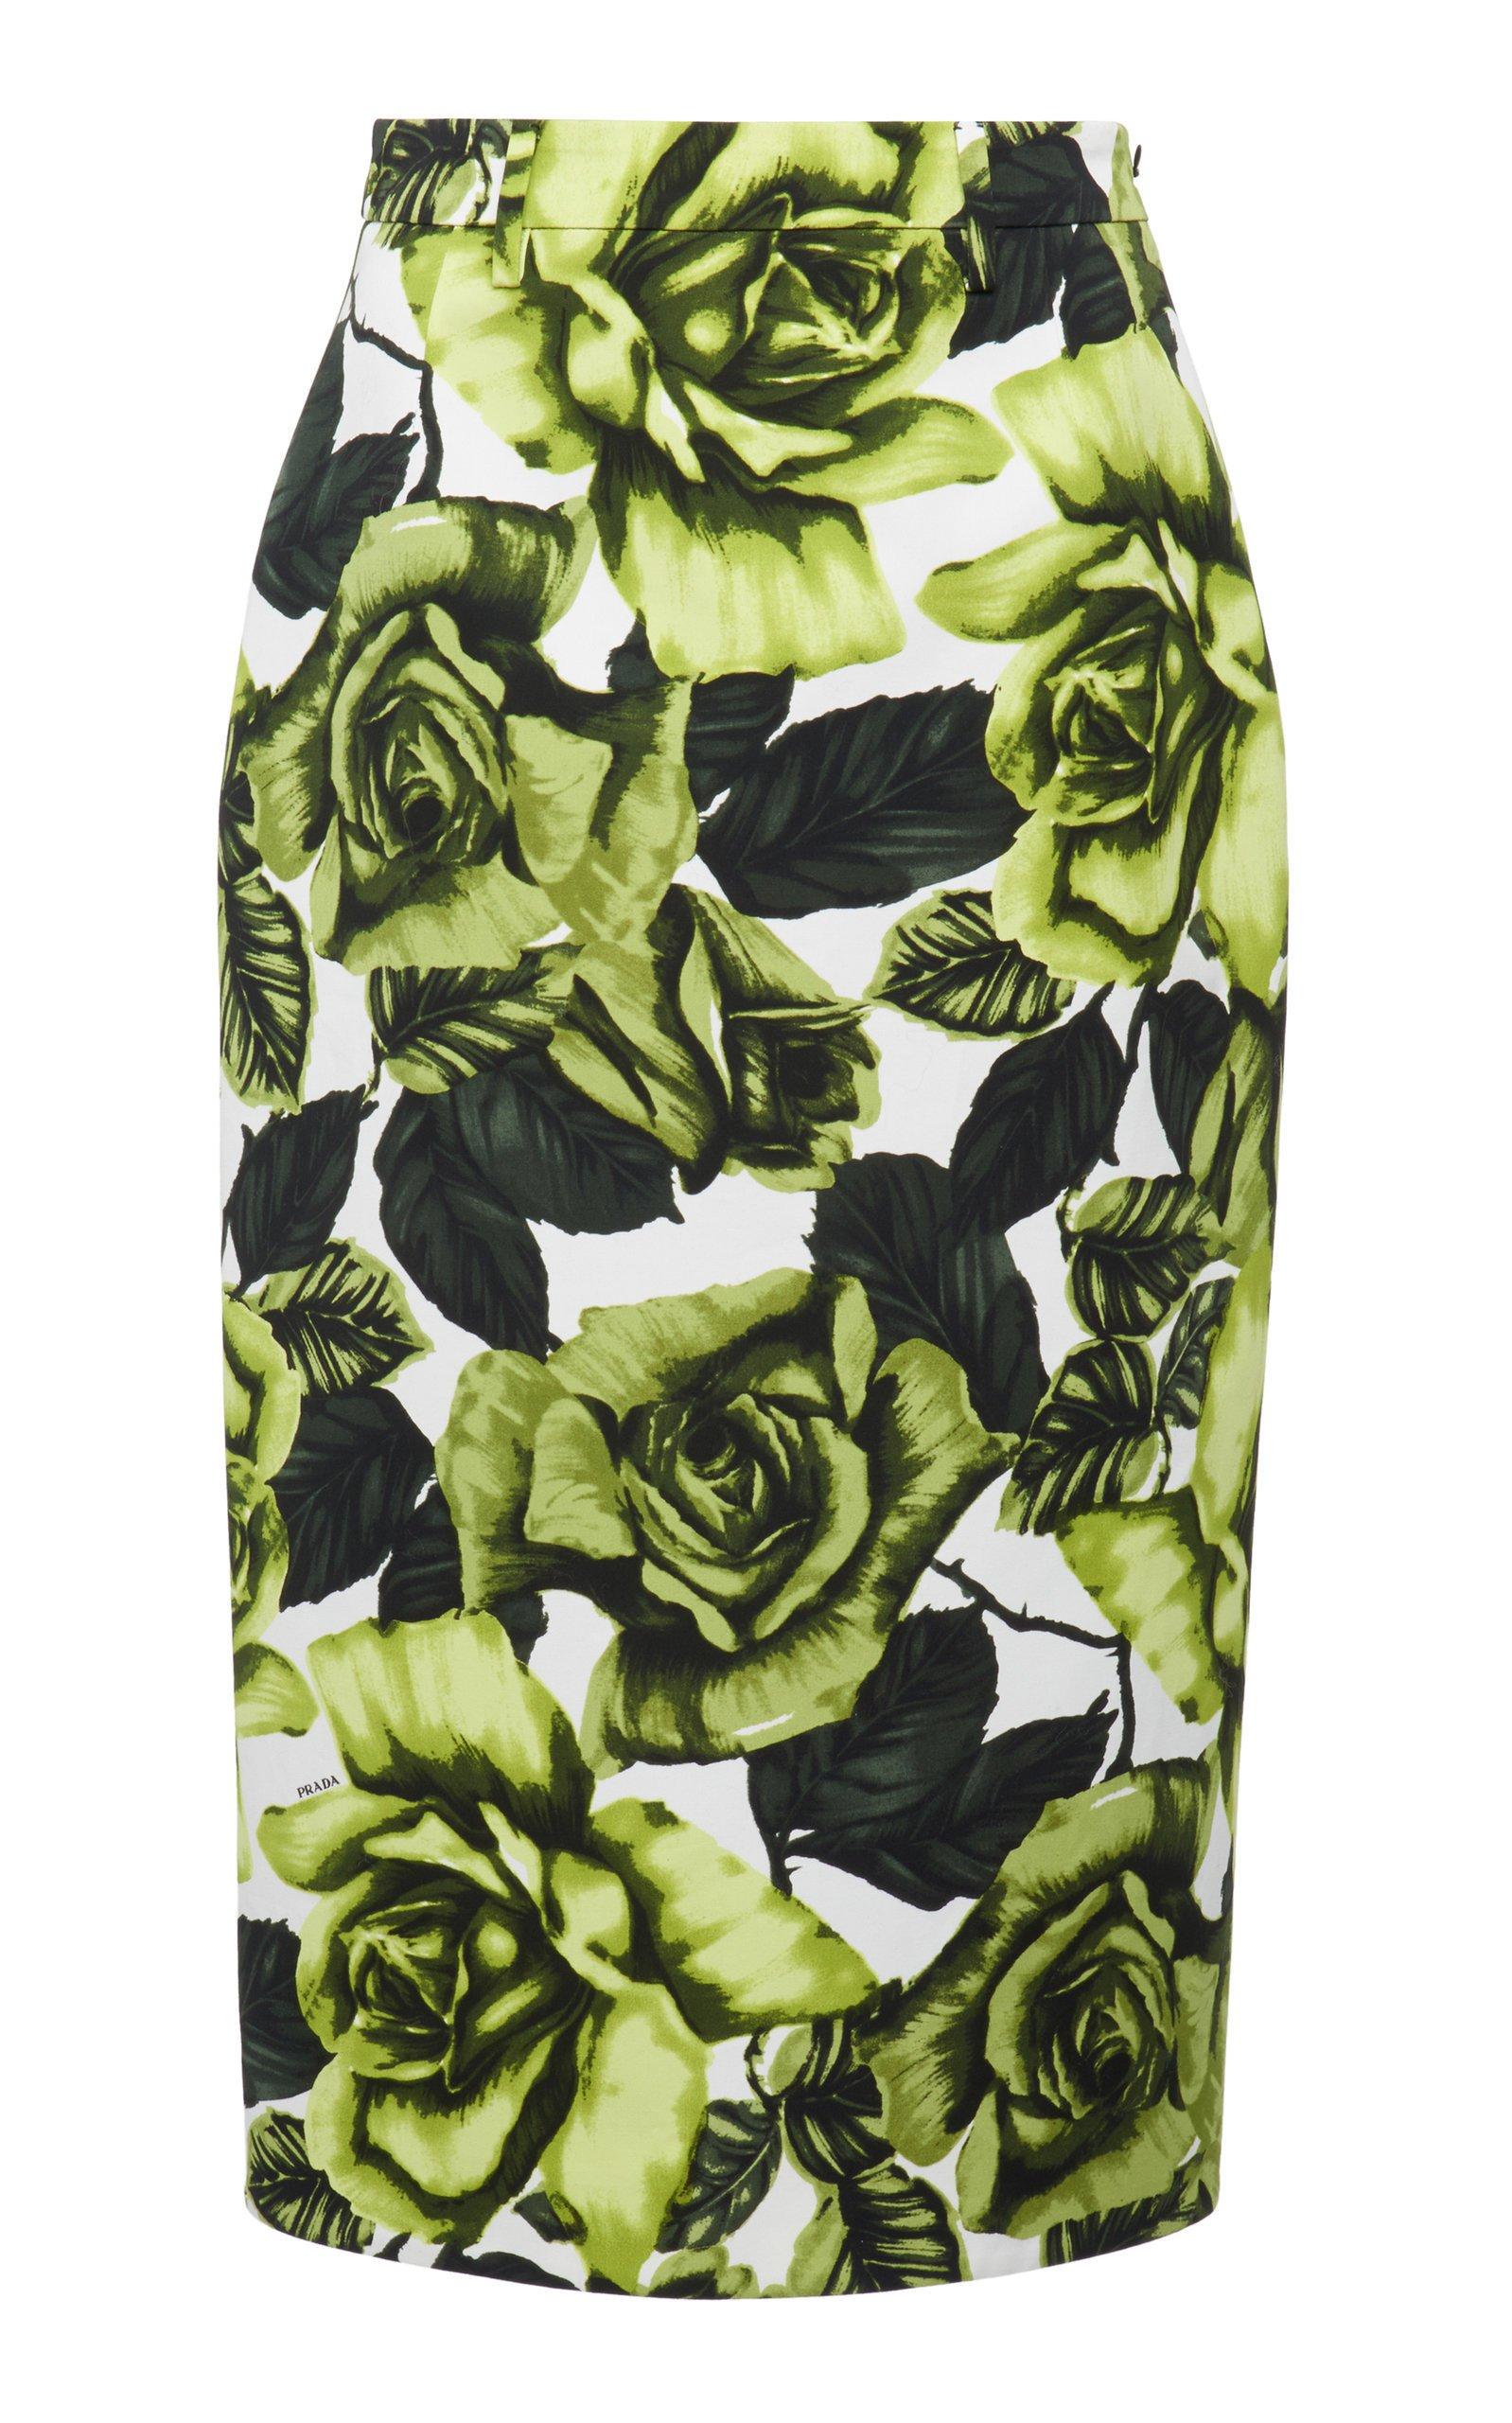 Prada Floral-Print Crepe Skirt Size: 36